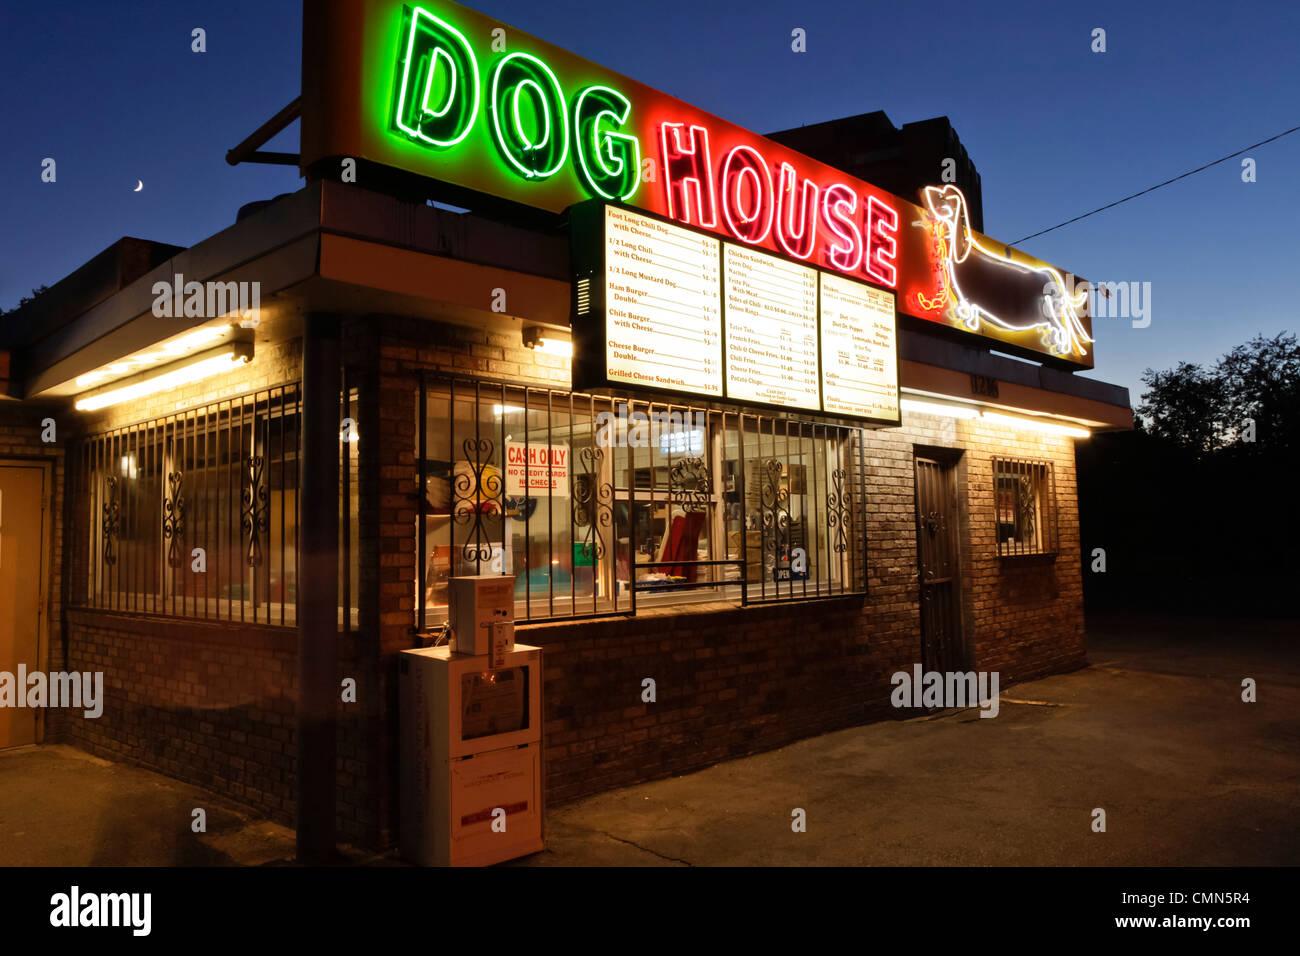 Albuquerque new mexico united states route 66 dog for Dog house albuquerque